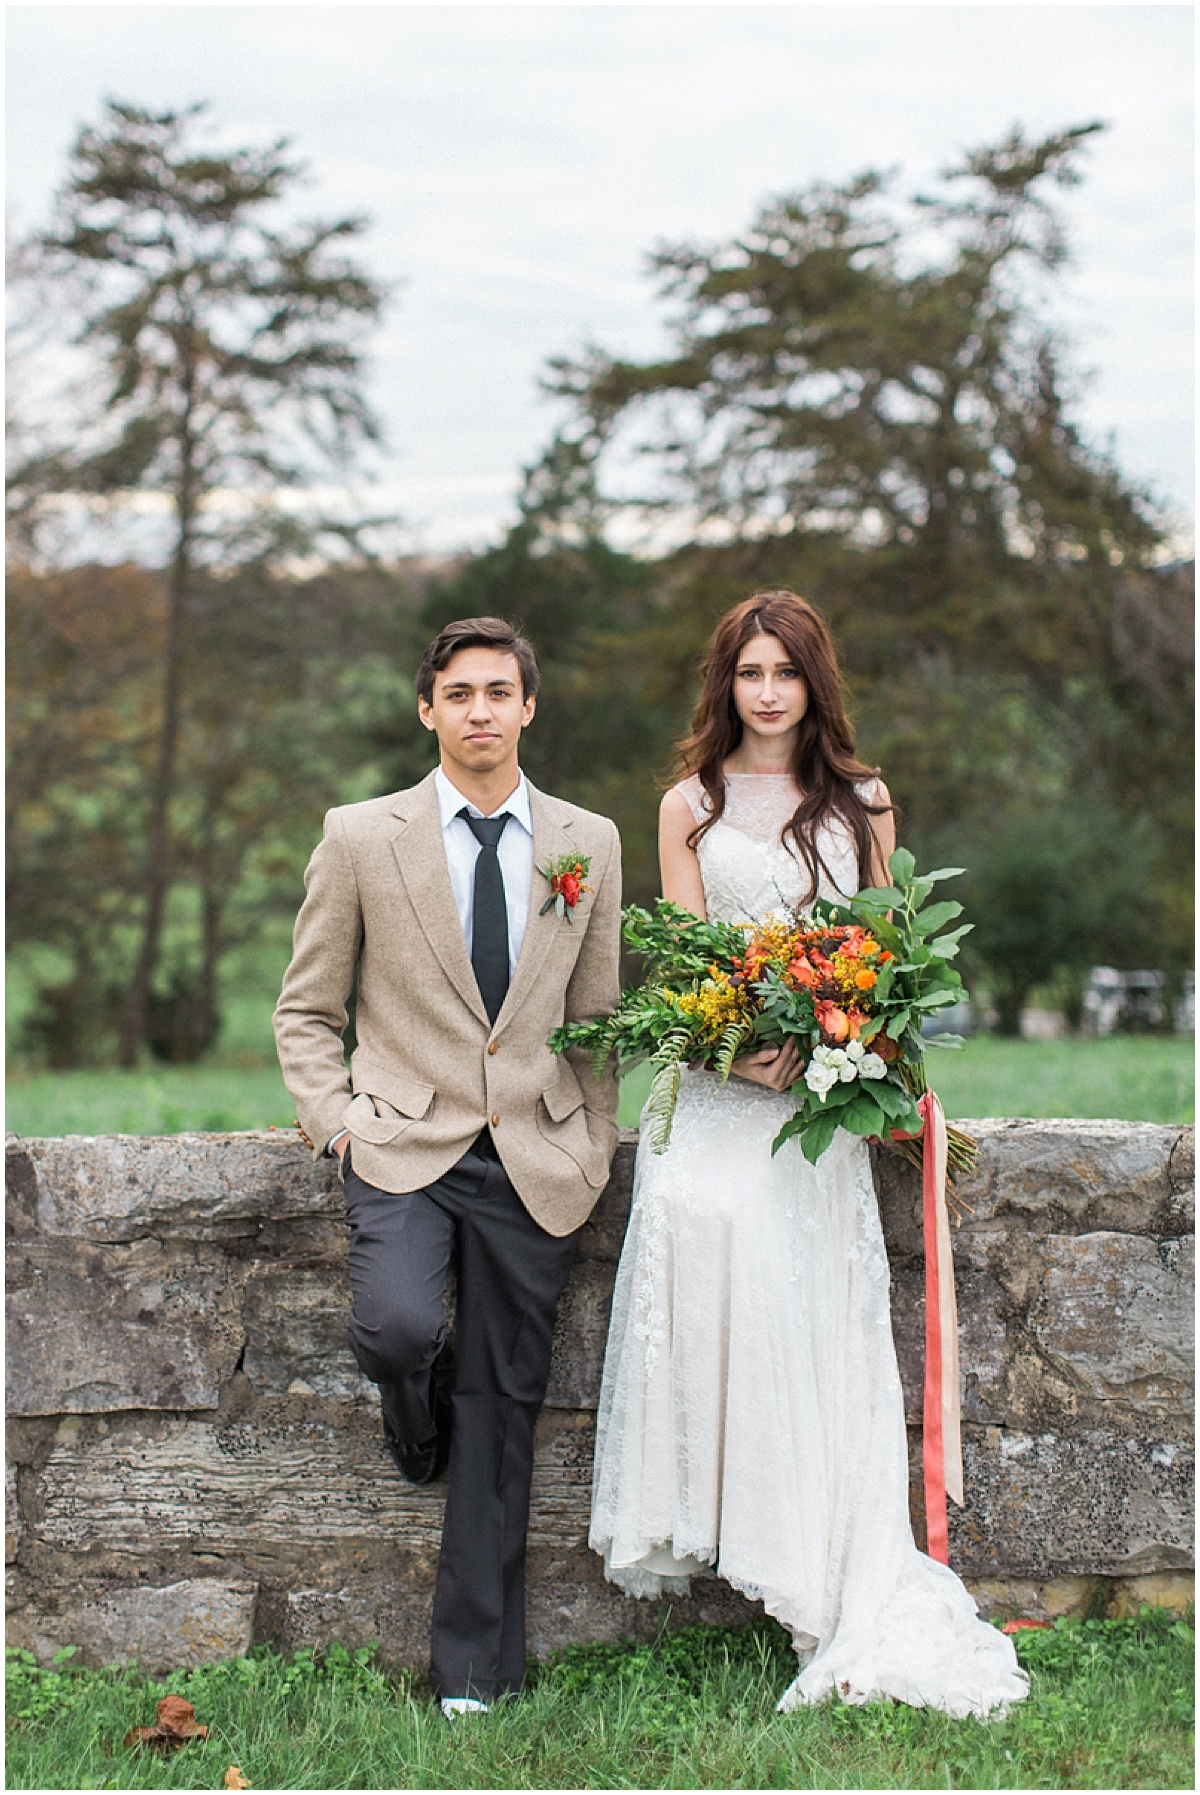 Abigail_Malone_Fall_Wedding_Film_Portra_400_Mountain_Views_Abby_Elizabeth-115.jpg